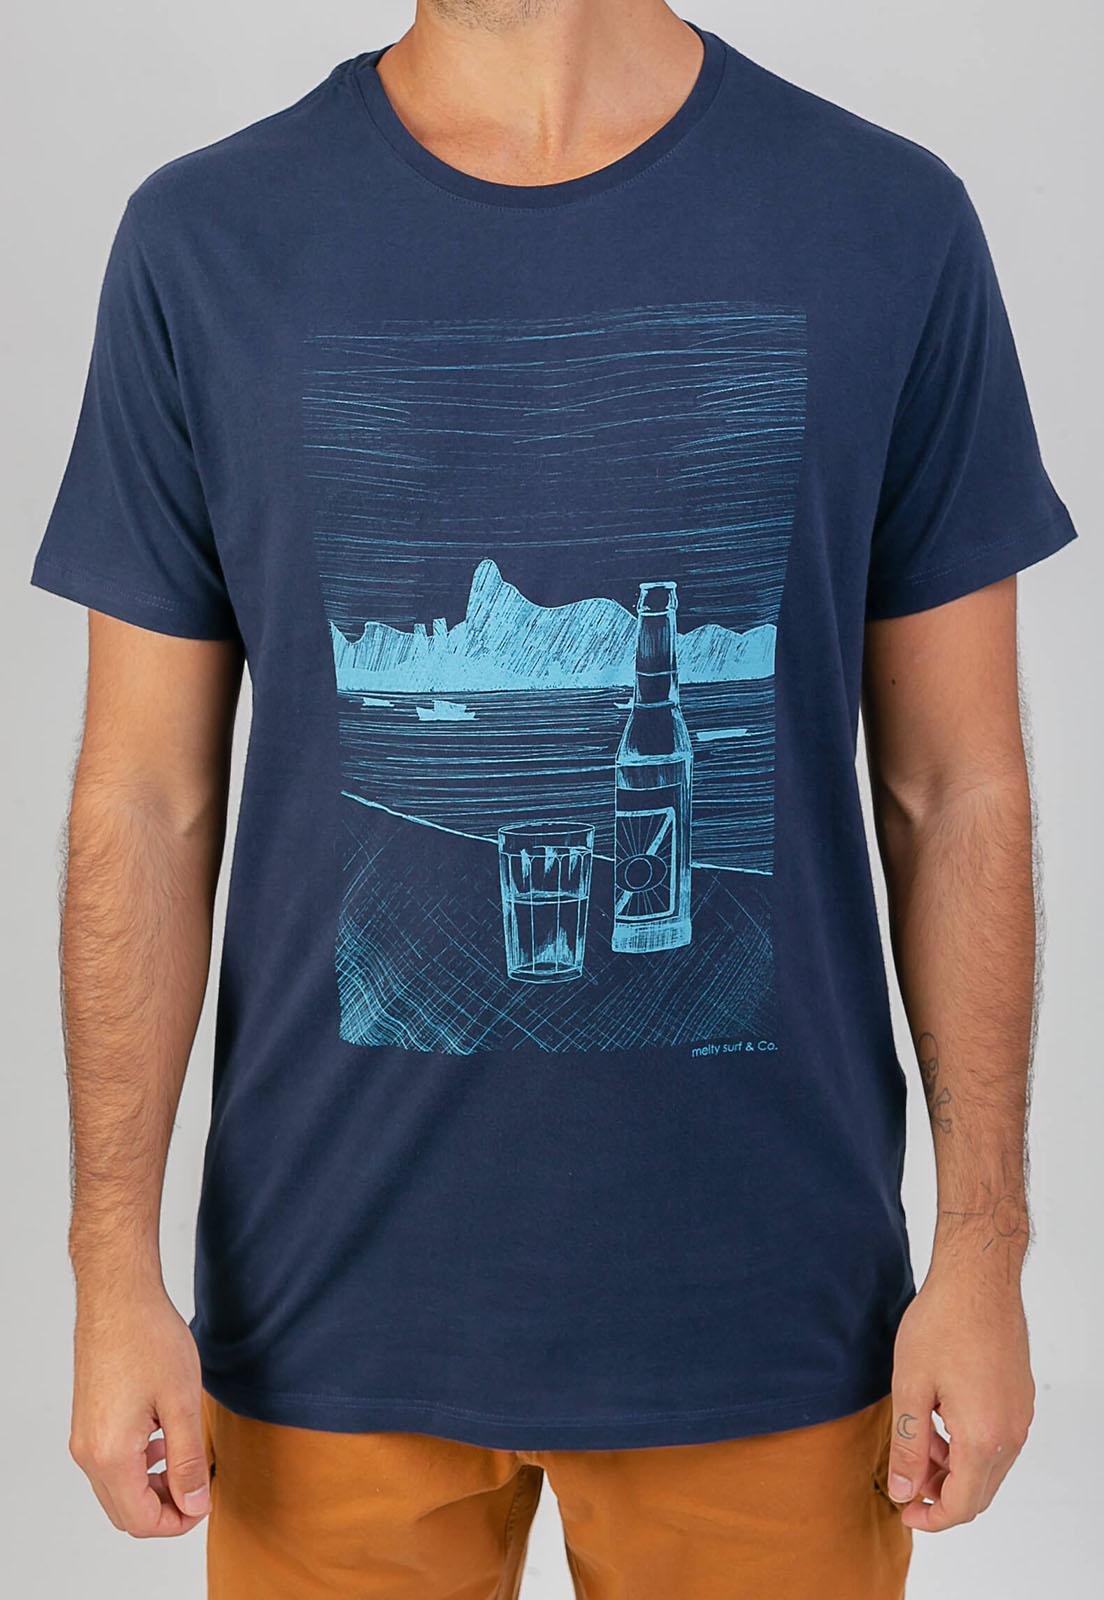 T-Shirt Rio lines Marinho melty